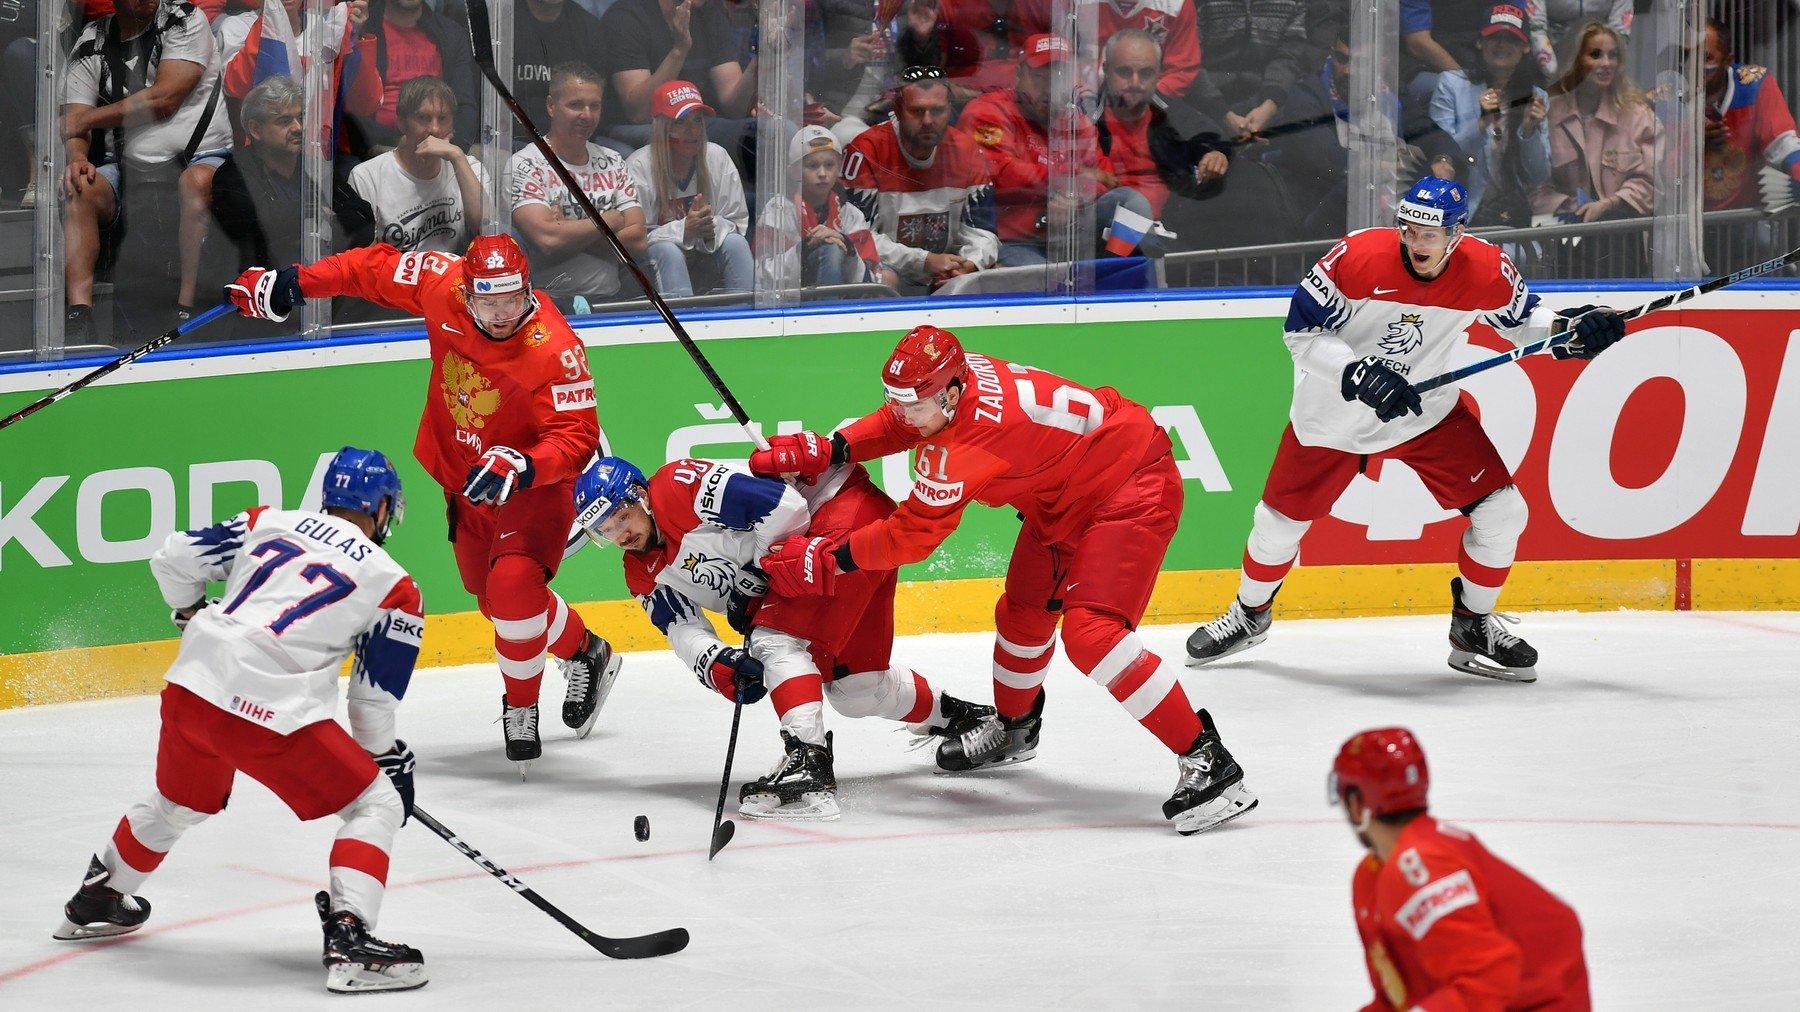 fb9186729abae MS 2019 v hokeji: Jak dopadlo MS a výsledky všech odehraných zápasů -  Seznam Zprávy